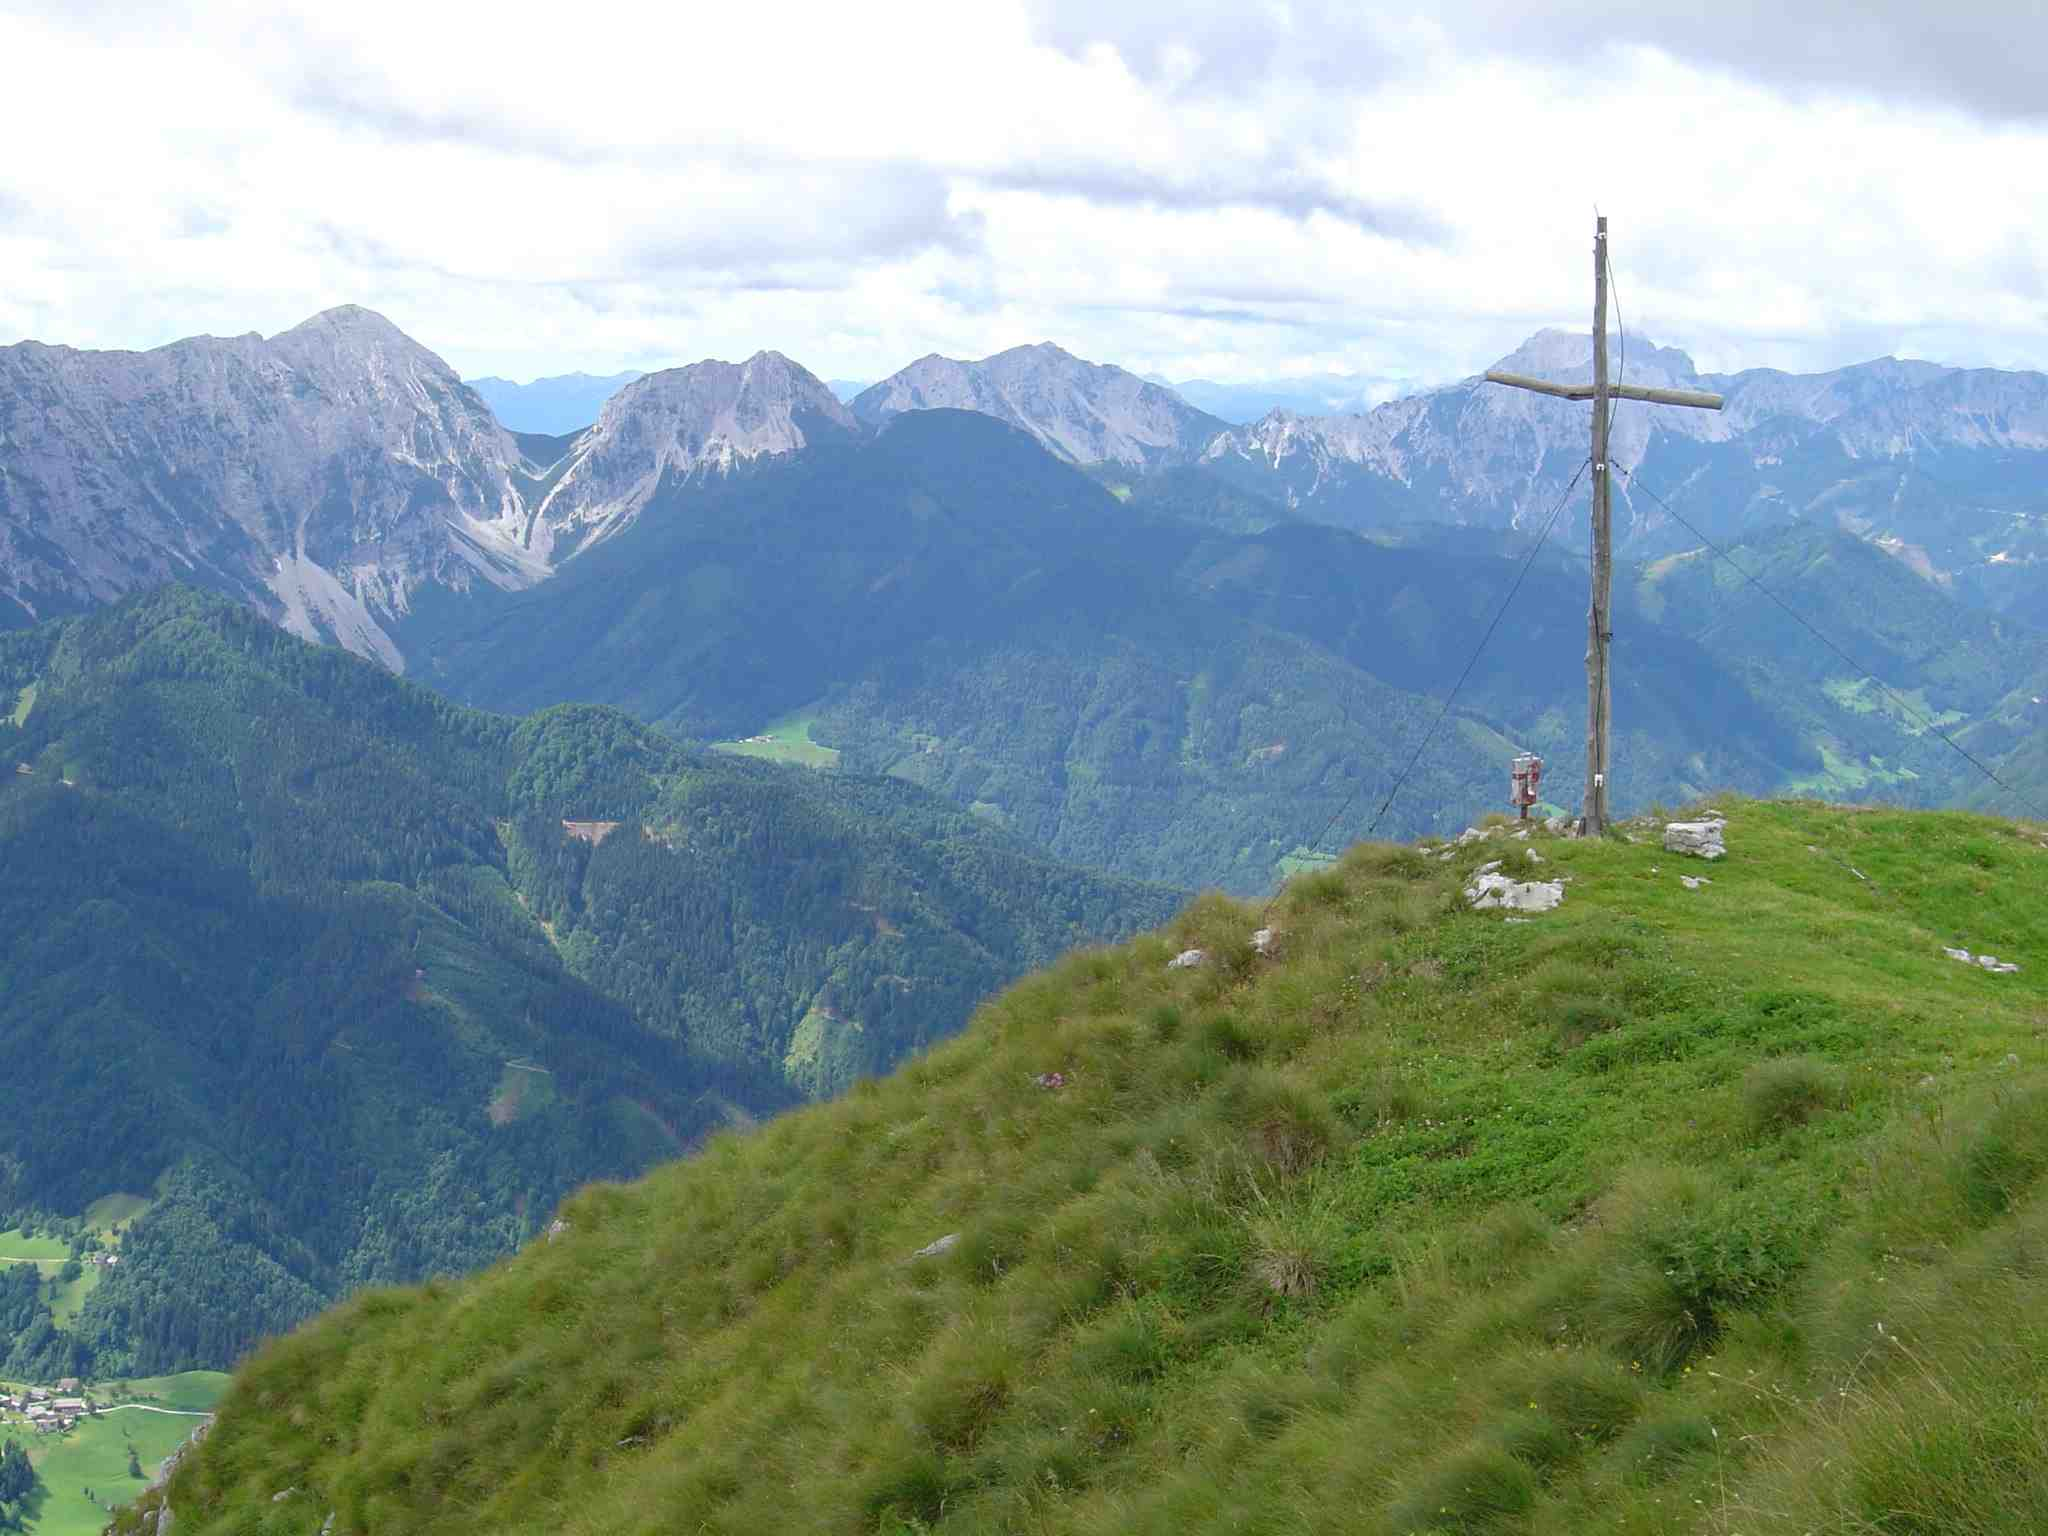 Foto: Manfred Karl / Wander Tour / Freiberg (Setitsche), 1923 m / Links im Bild Veliki Vrh und Hainschsattel. / 05.05.2007 18:34:29